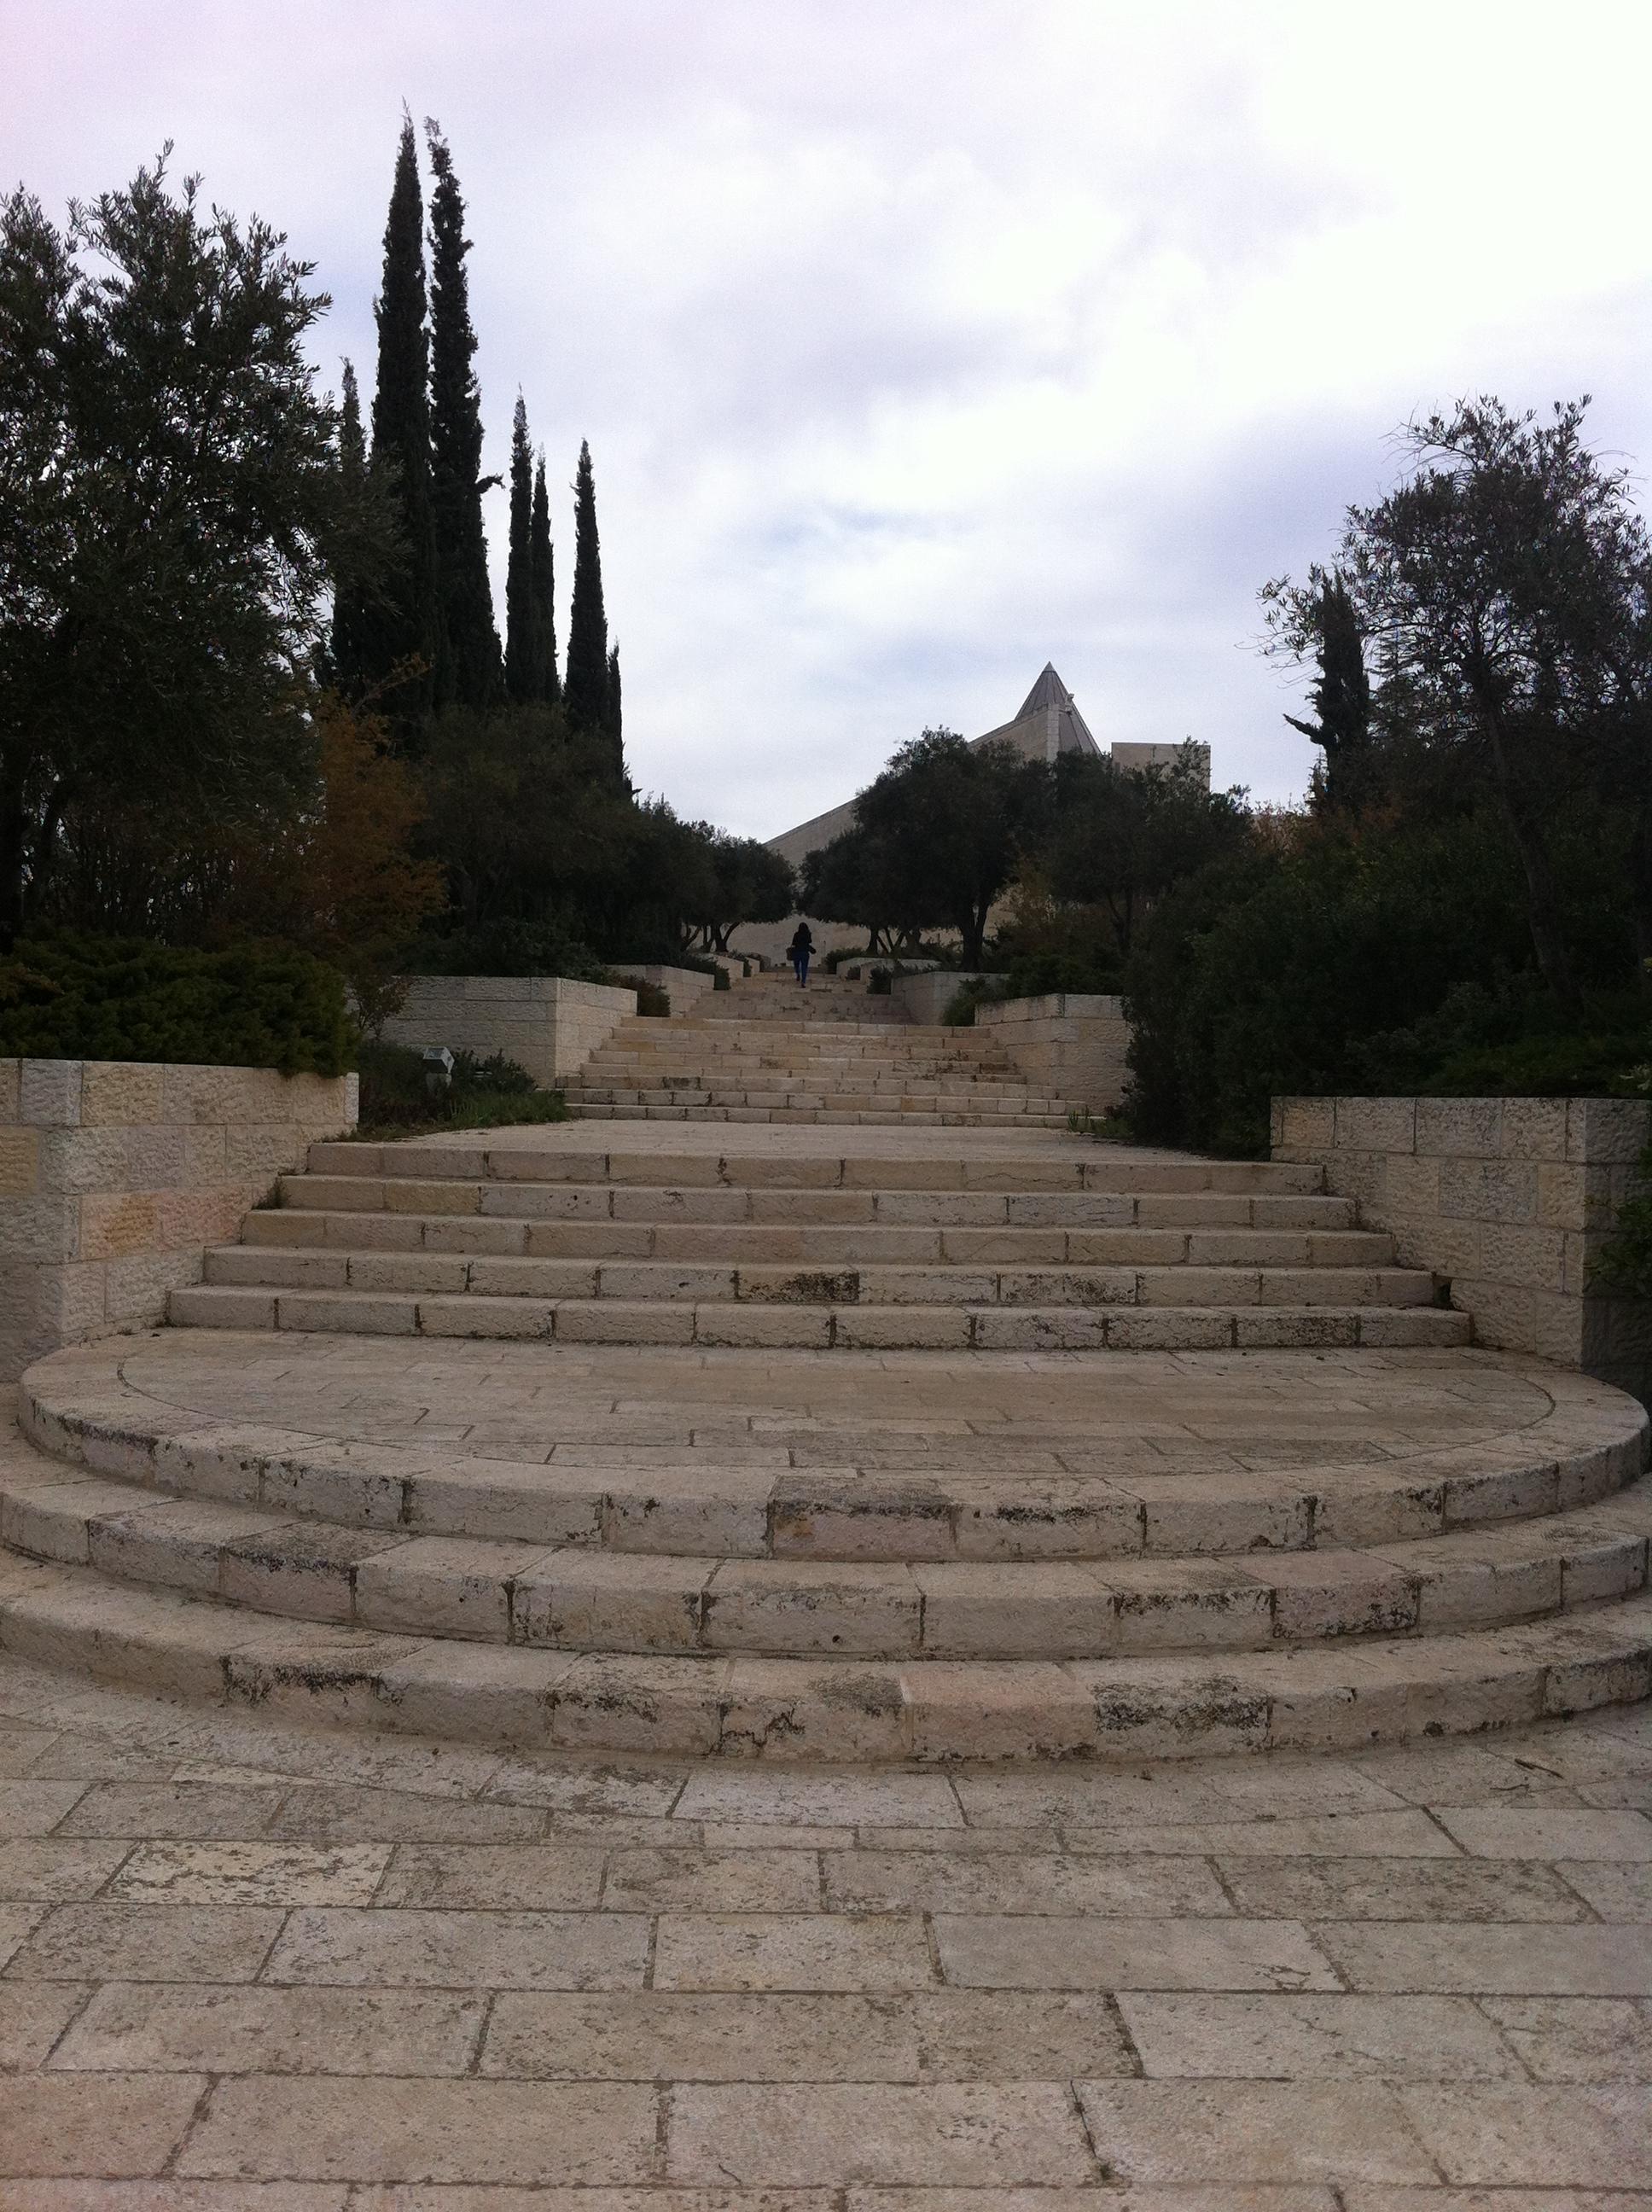 """יש לטפס על מנת """"להגיע"""" אל החוק. גרם מדרגות בכניסה לבית המשפט העליון בירושלים. צילום: כרמל חנני"""